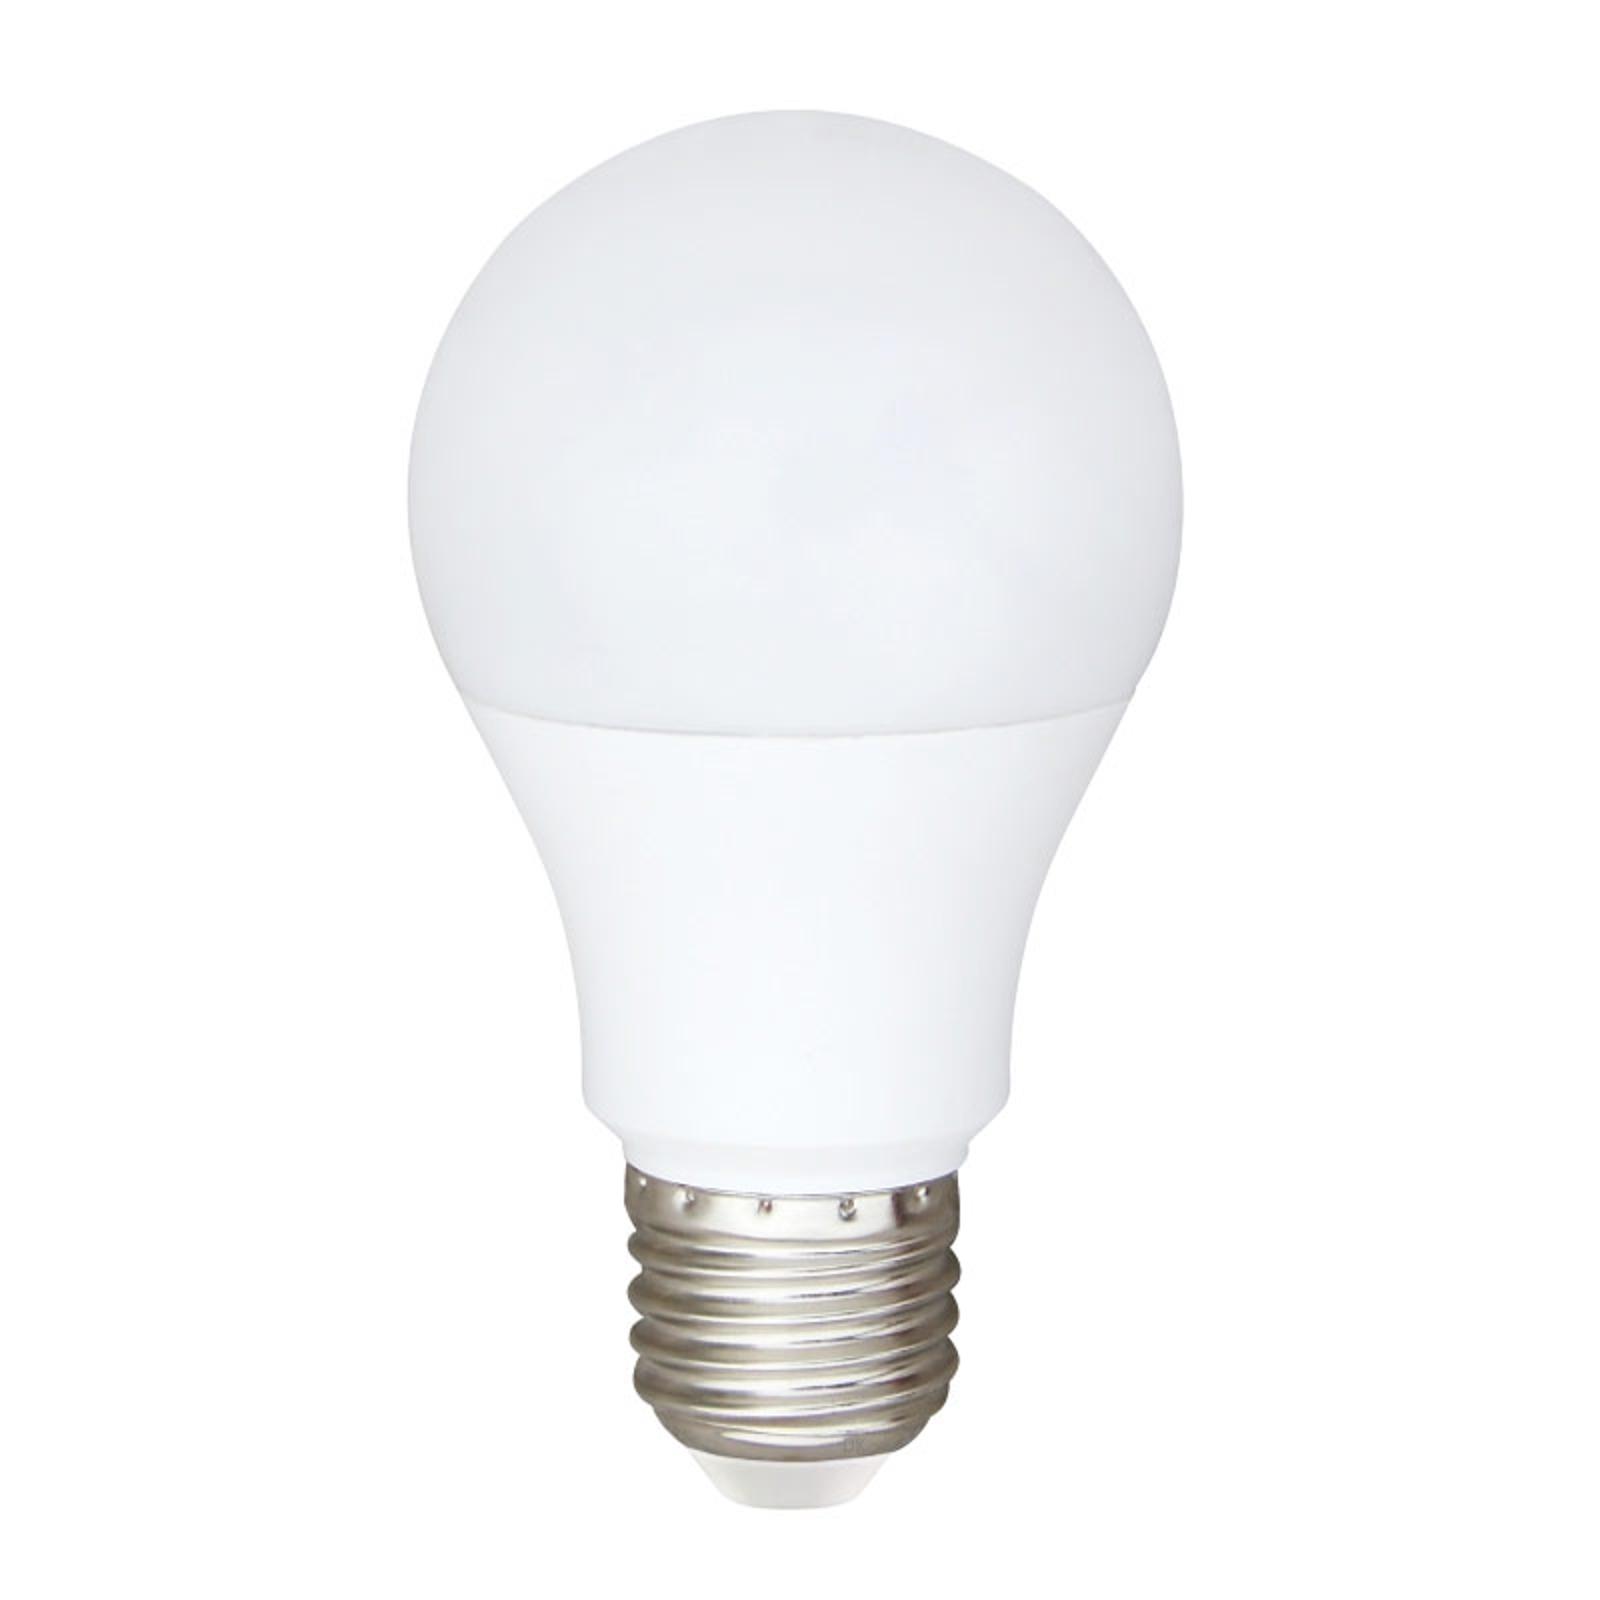 Żarówka LED ARAXA E27 9W dla AC i DC, 2700K